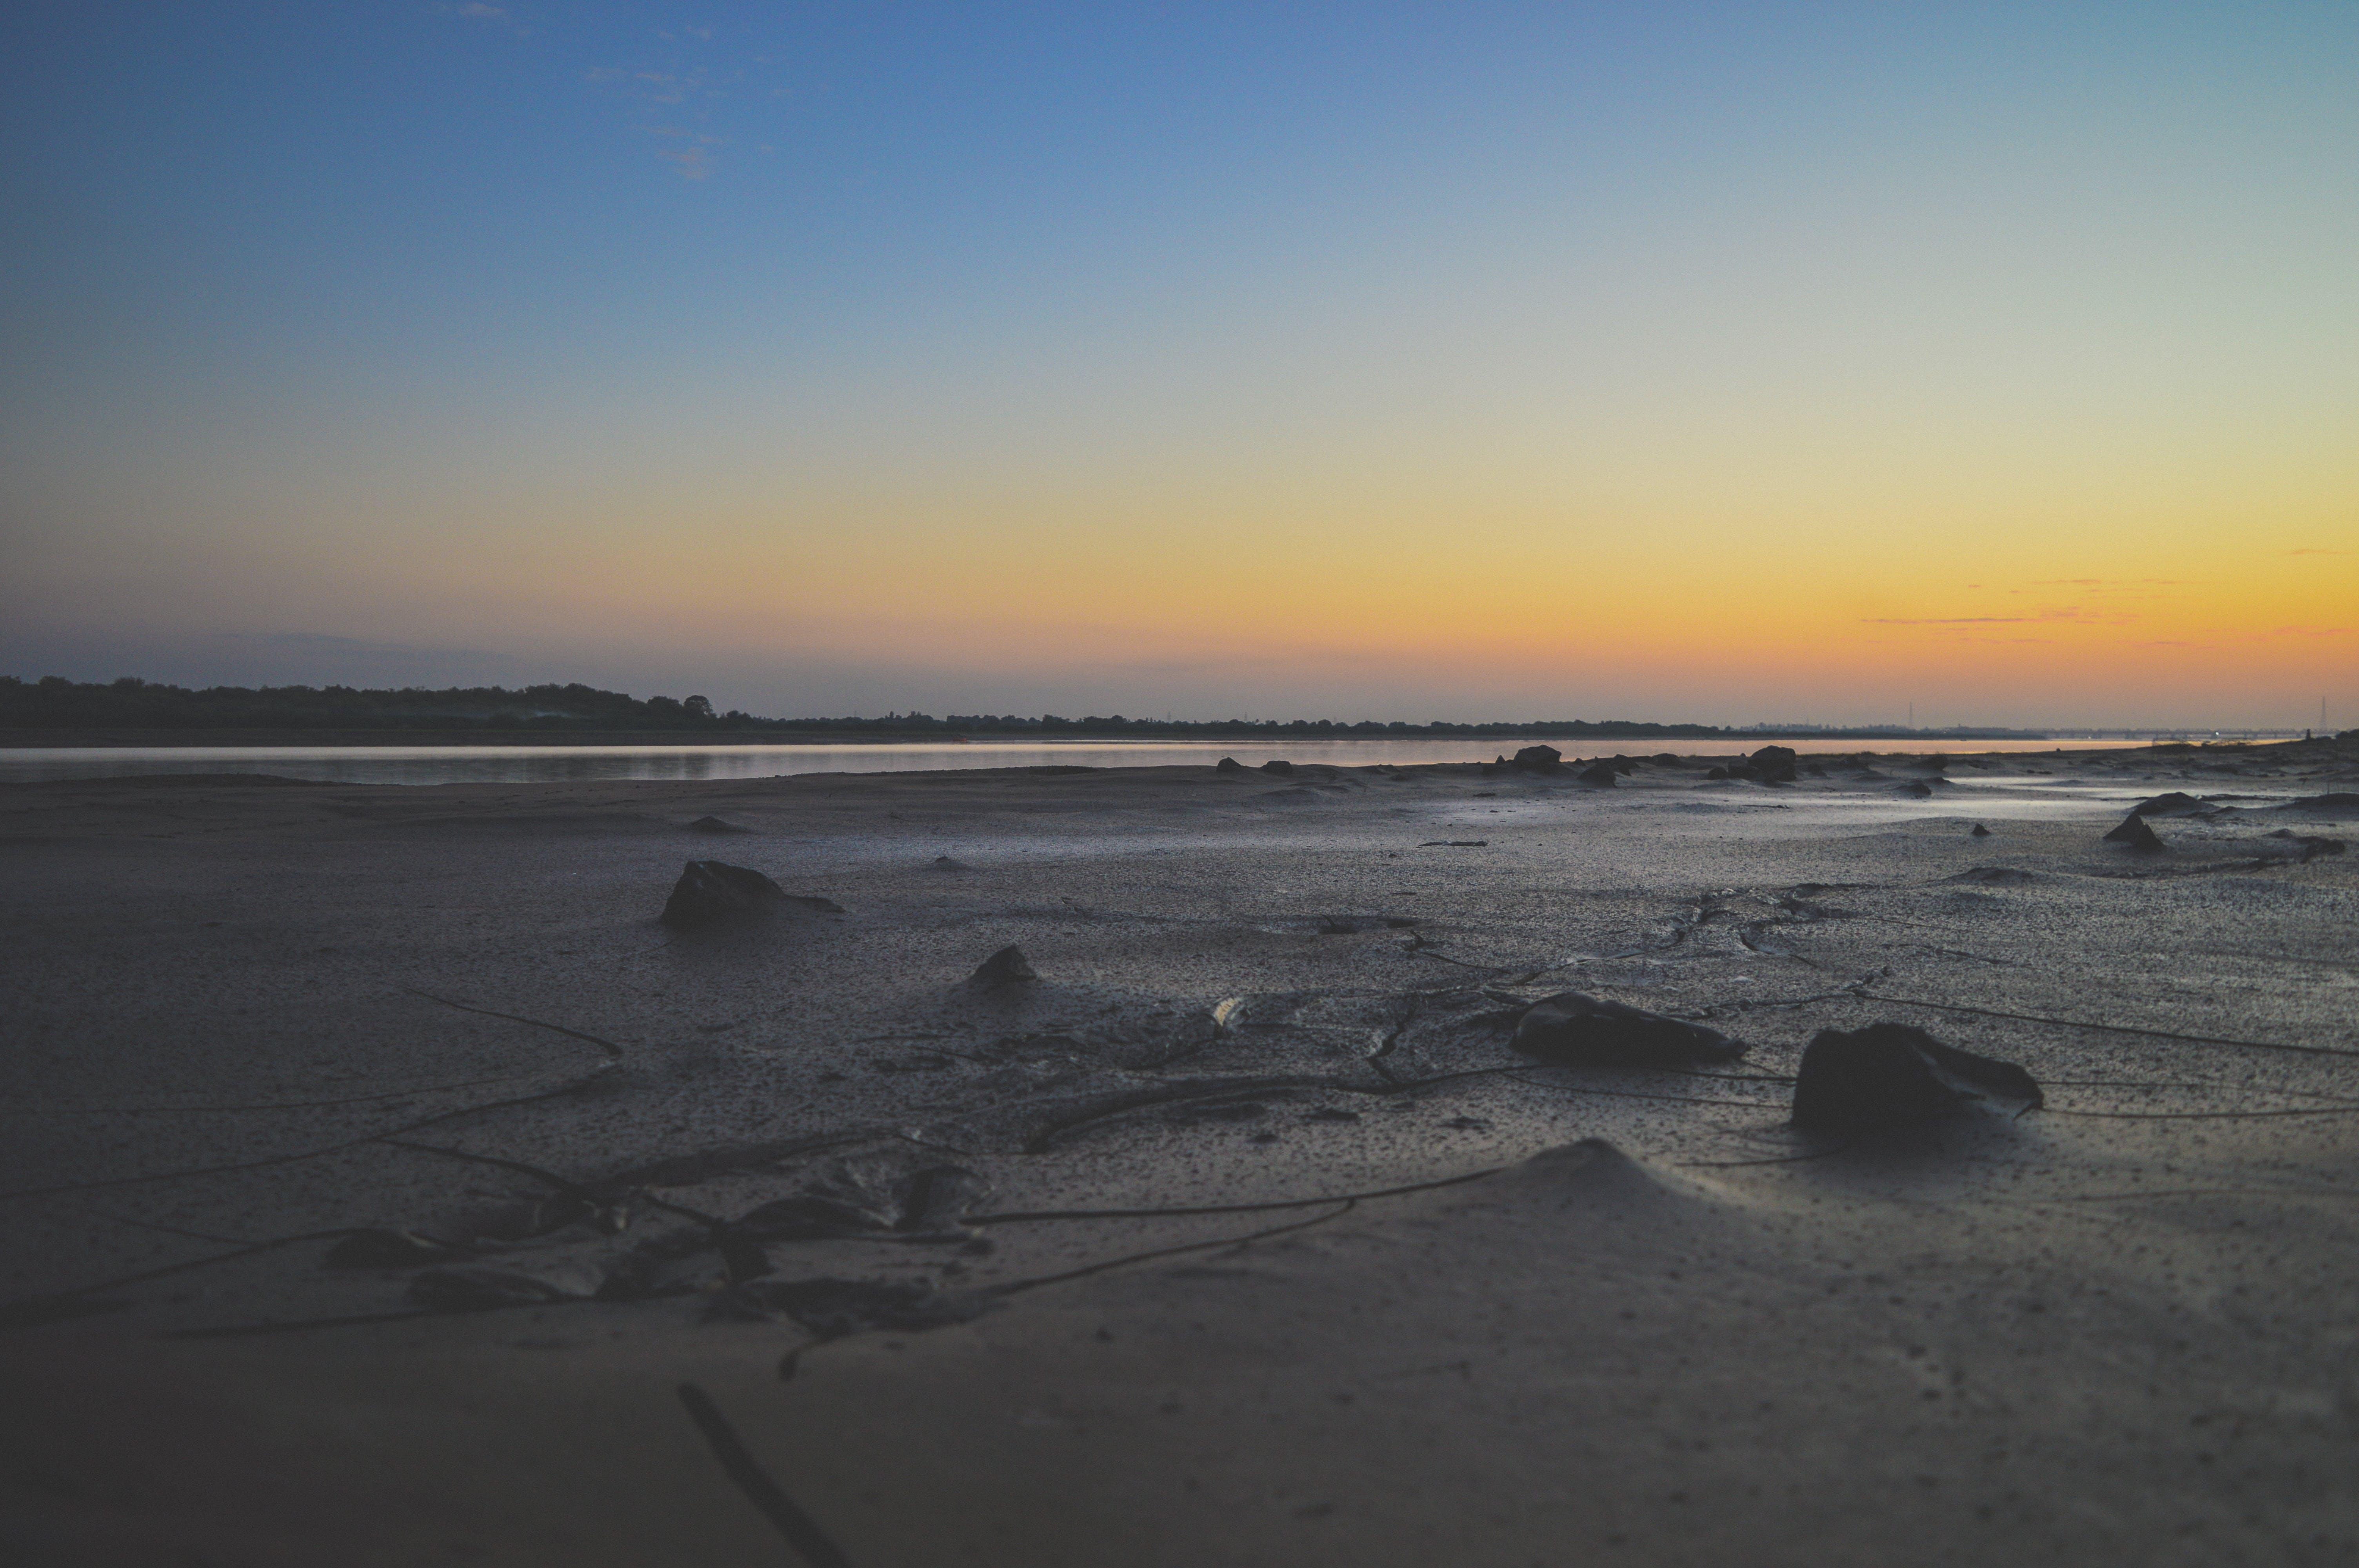 Δωρεάν στοκ φωτογραφιών με ακτή, άμμος, απόγευμα, βραδινός ουρανός